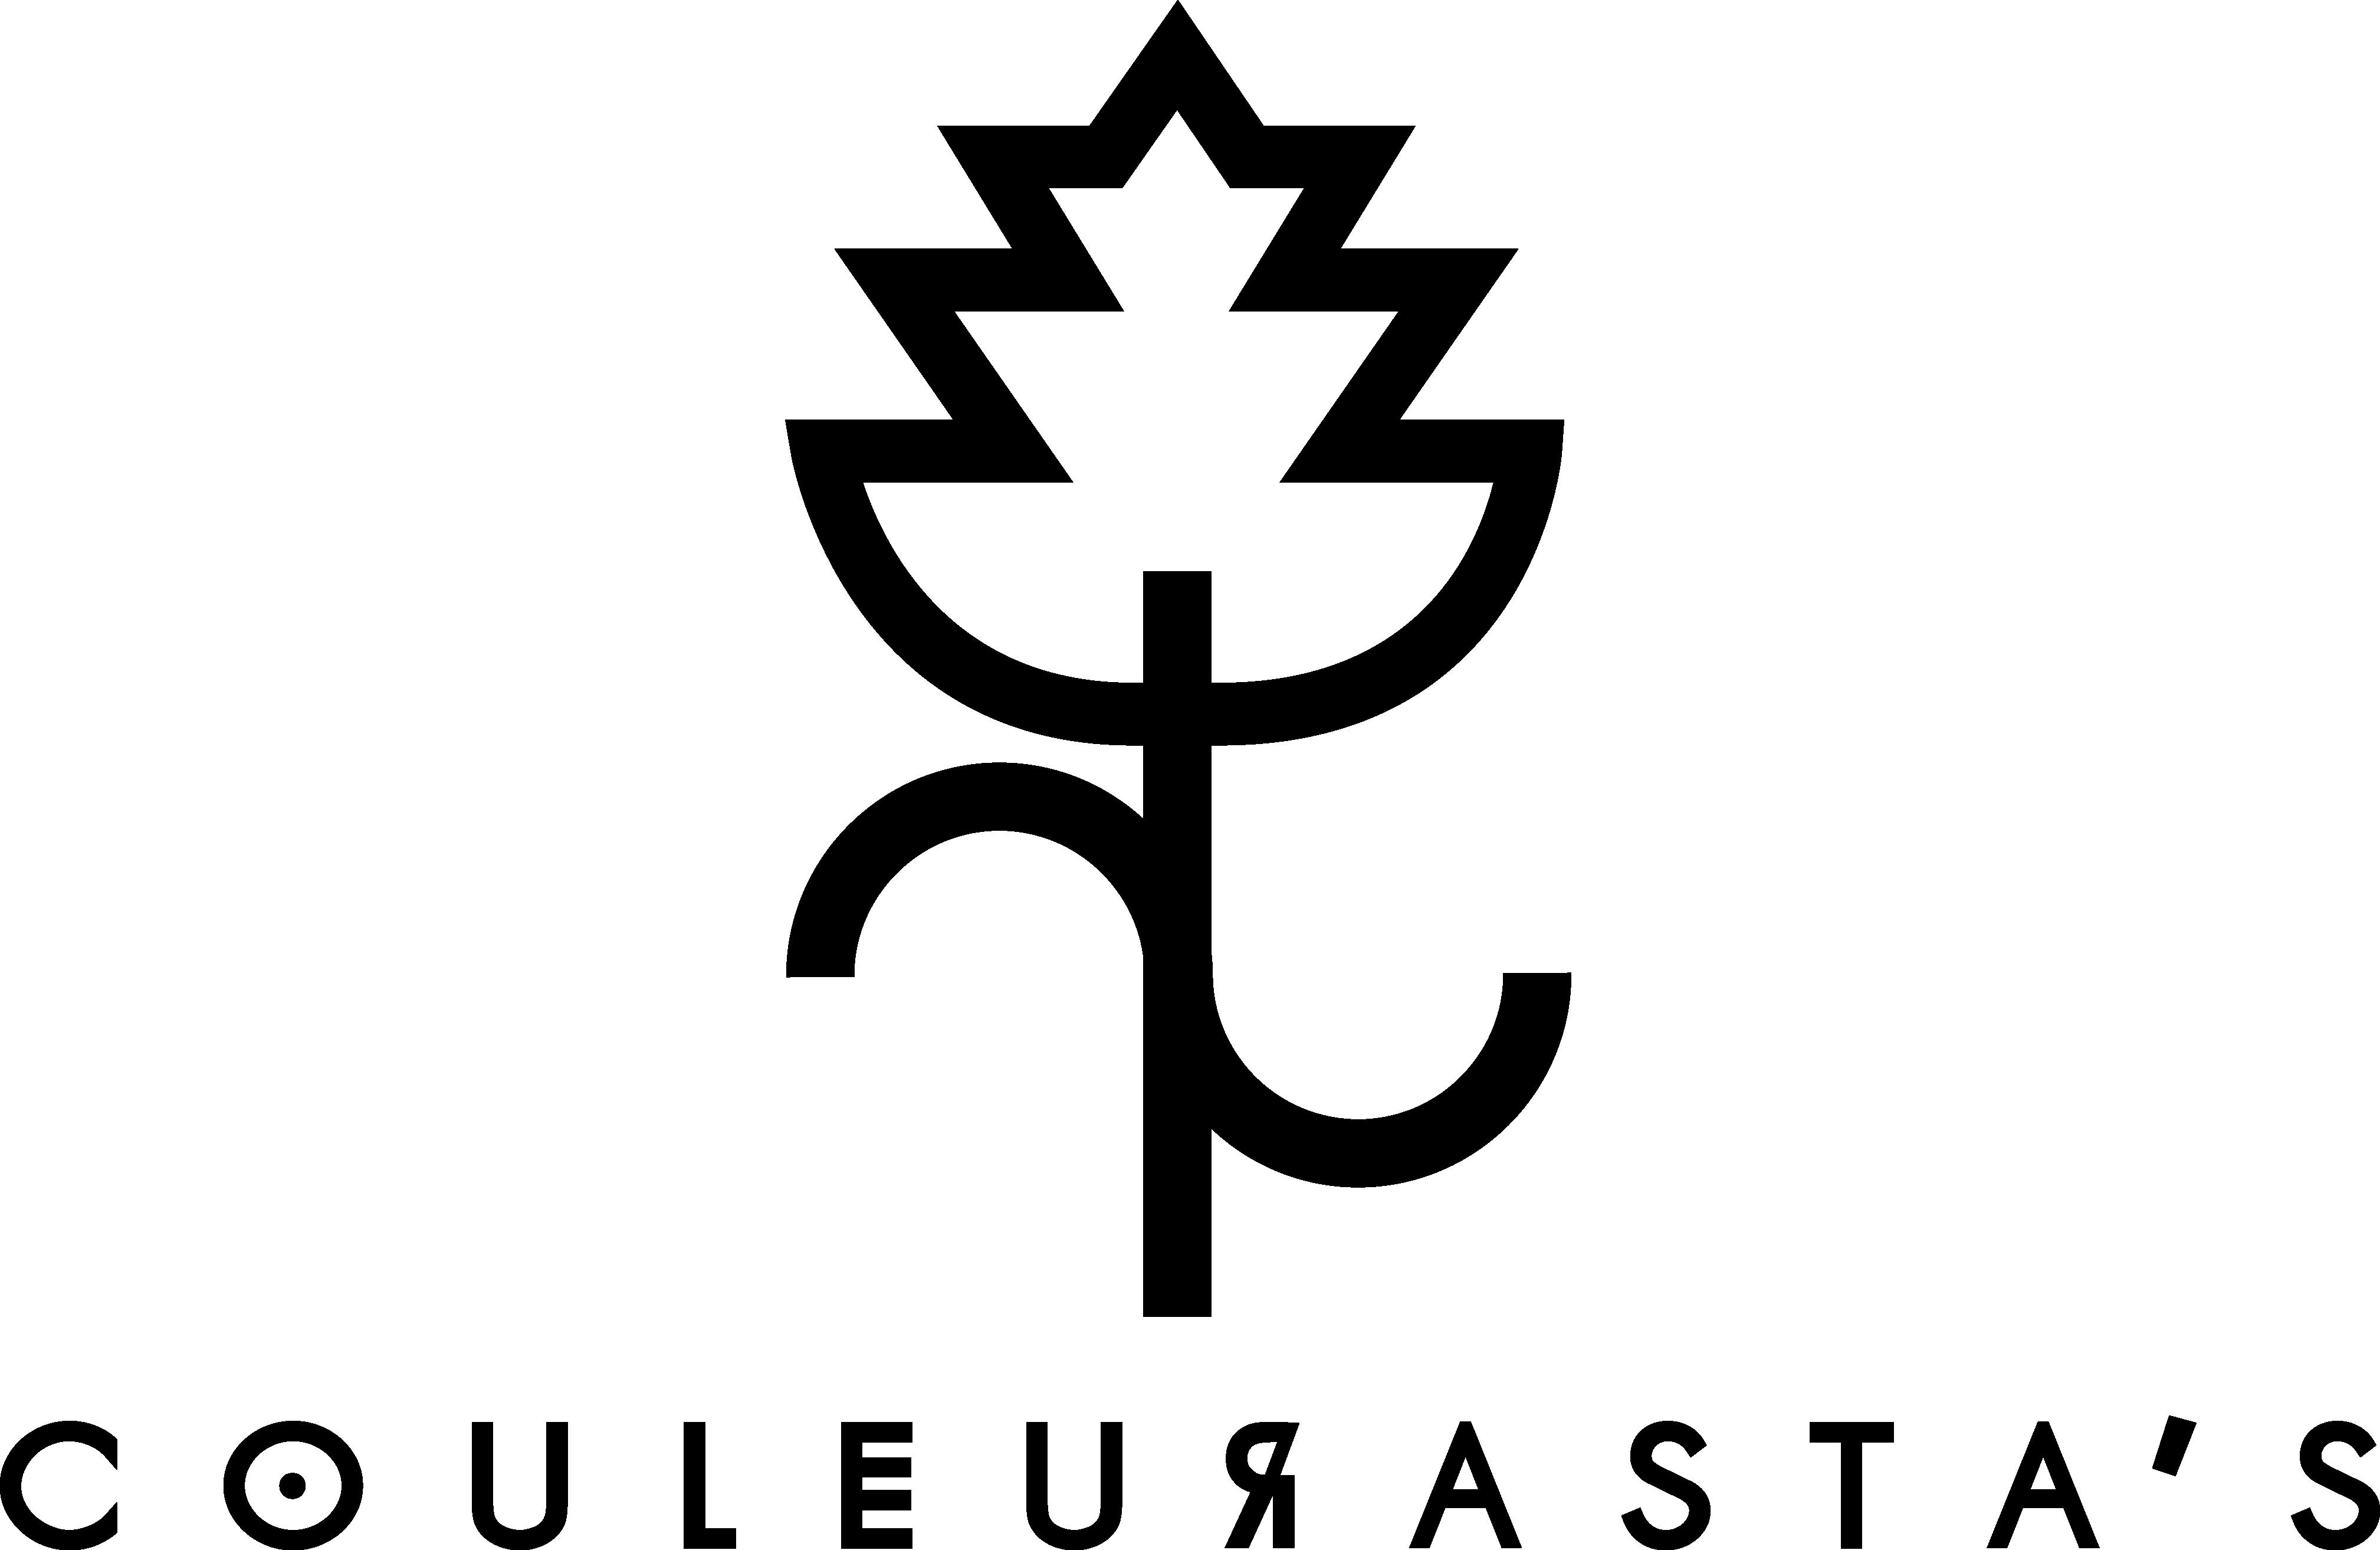 couleurasta's